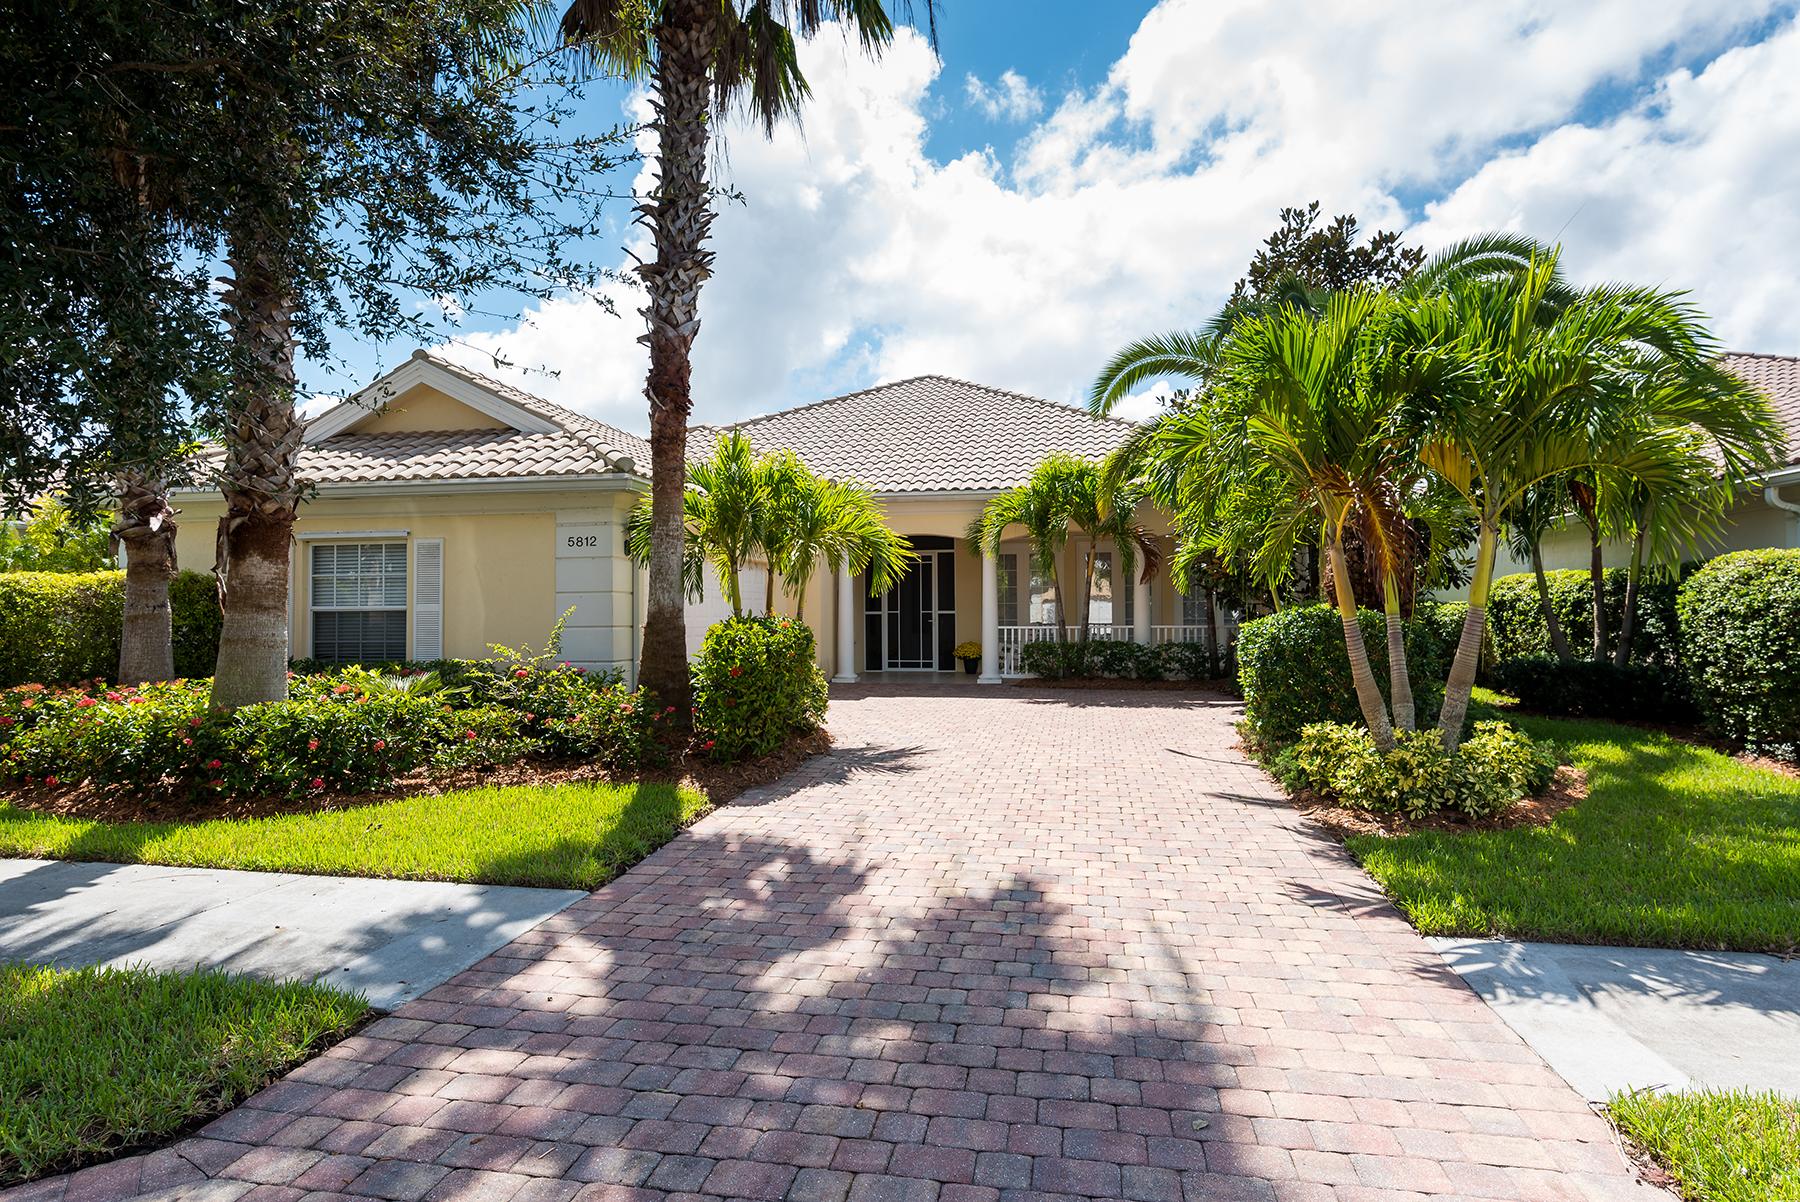 Nhà ở một gia đình vì Bán tại VILLAGE WALK 5812 Valente Pl Sarasota, Florida, 34238 Hoa Kỳ